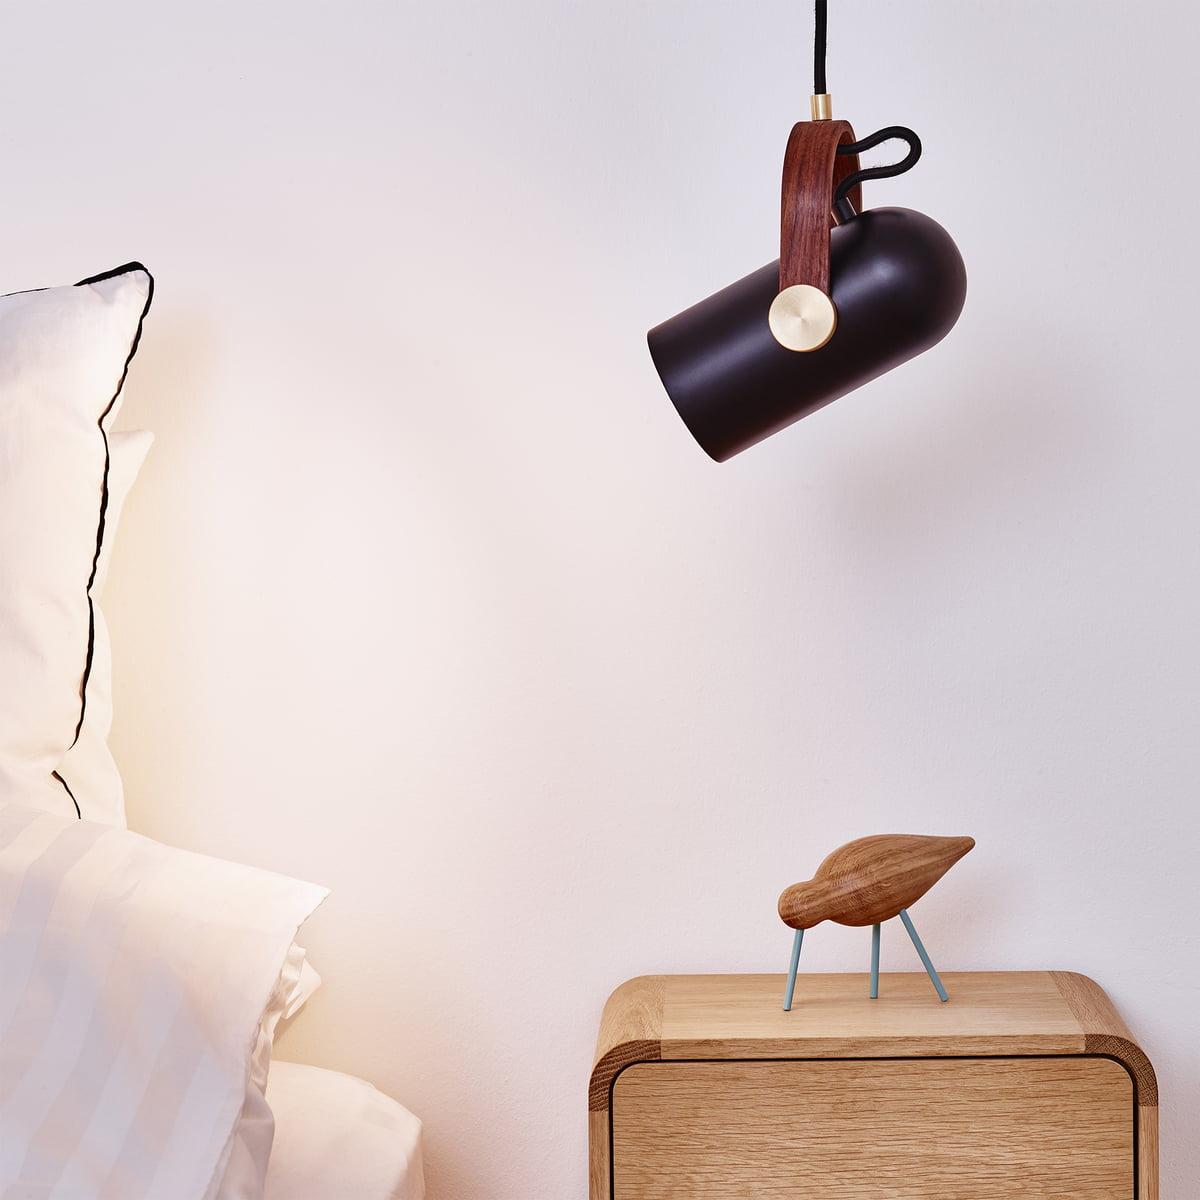 Carronade pendant lamp by Le Klint in our shop